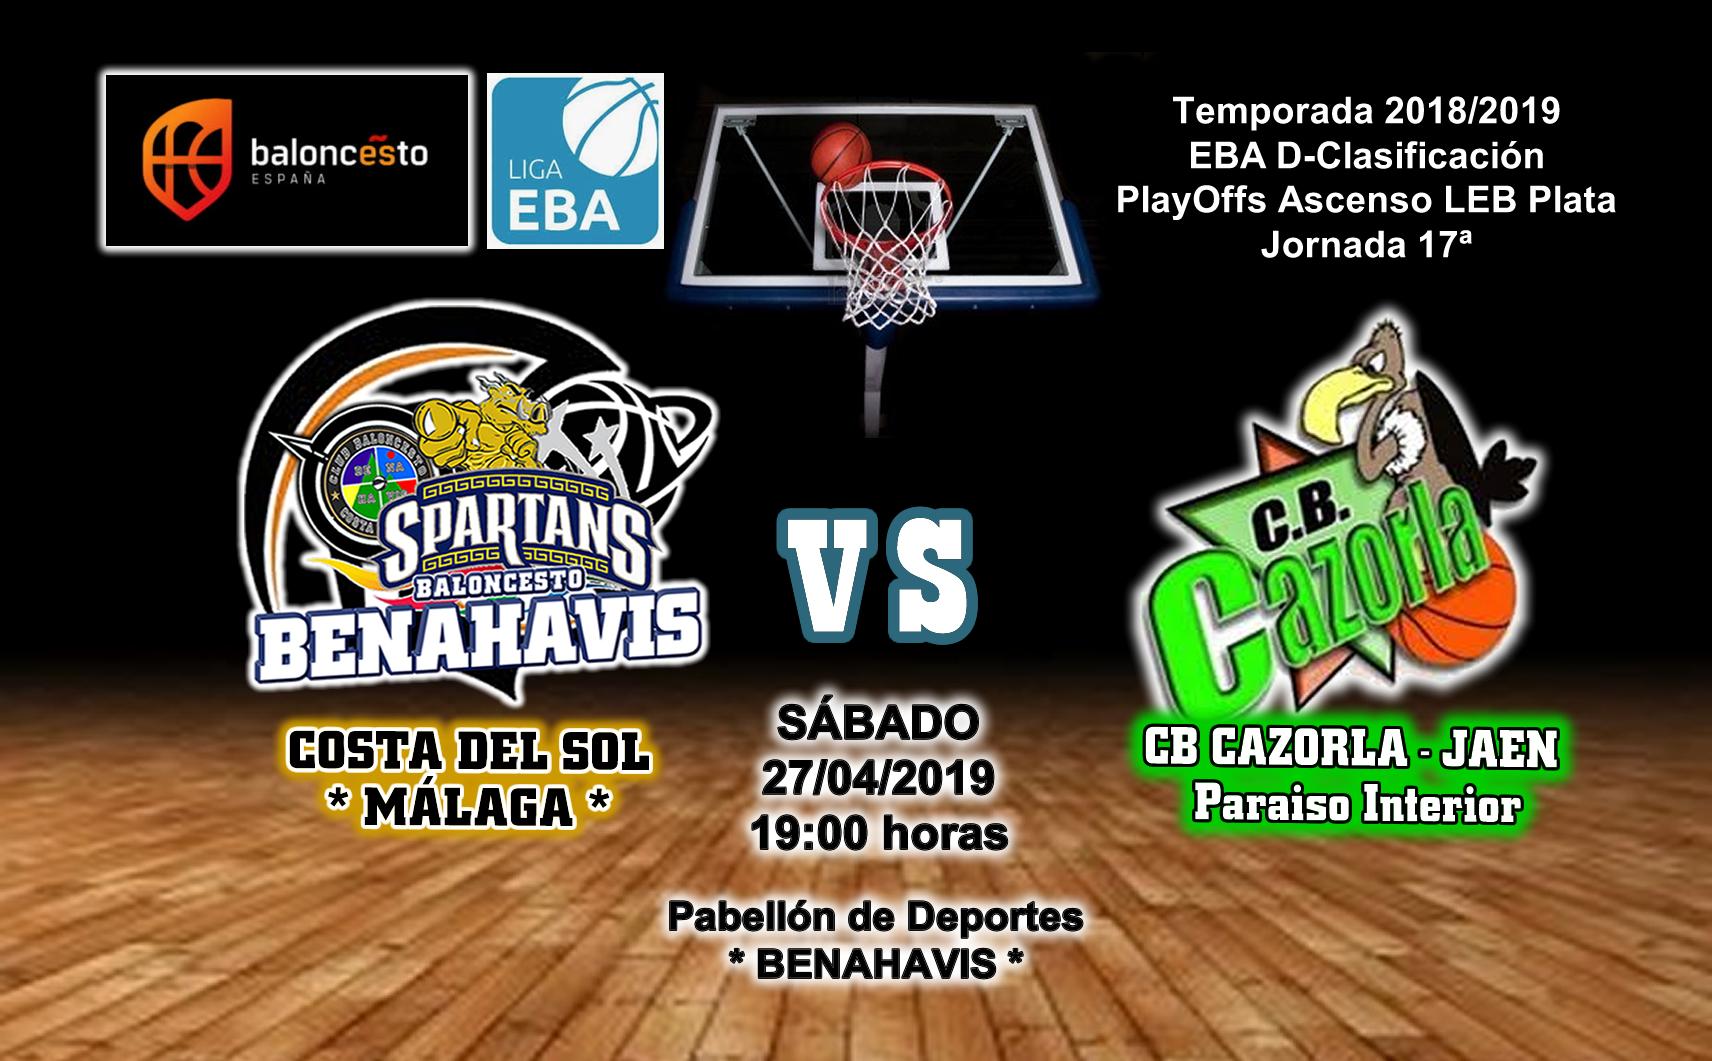 PREVIA EBA D 18/19> PlayOffs Ascenso Leb Plata | J-17ª > CB Benahavís Costa del Sol vs CB Cazorla Jaén Paraiso Interior